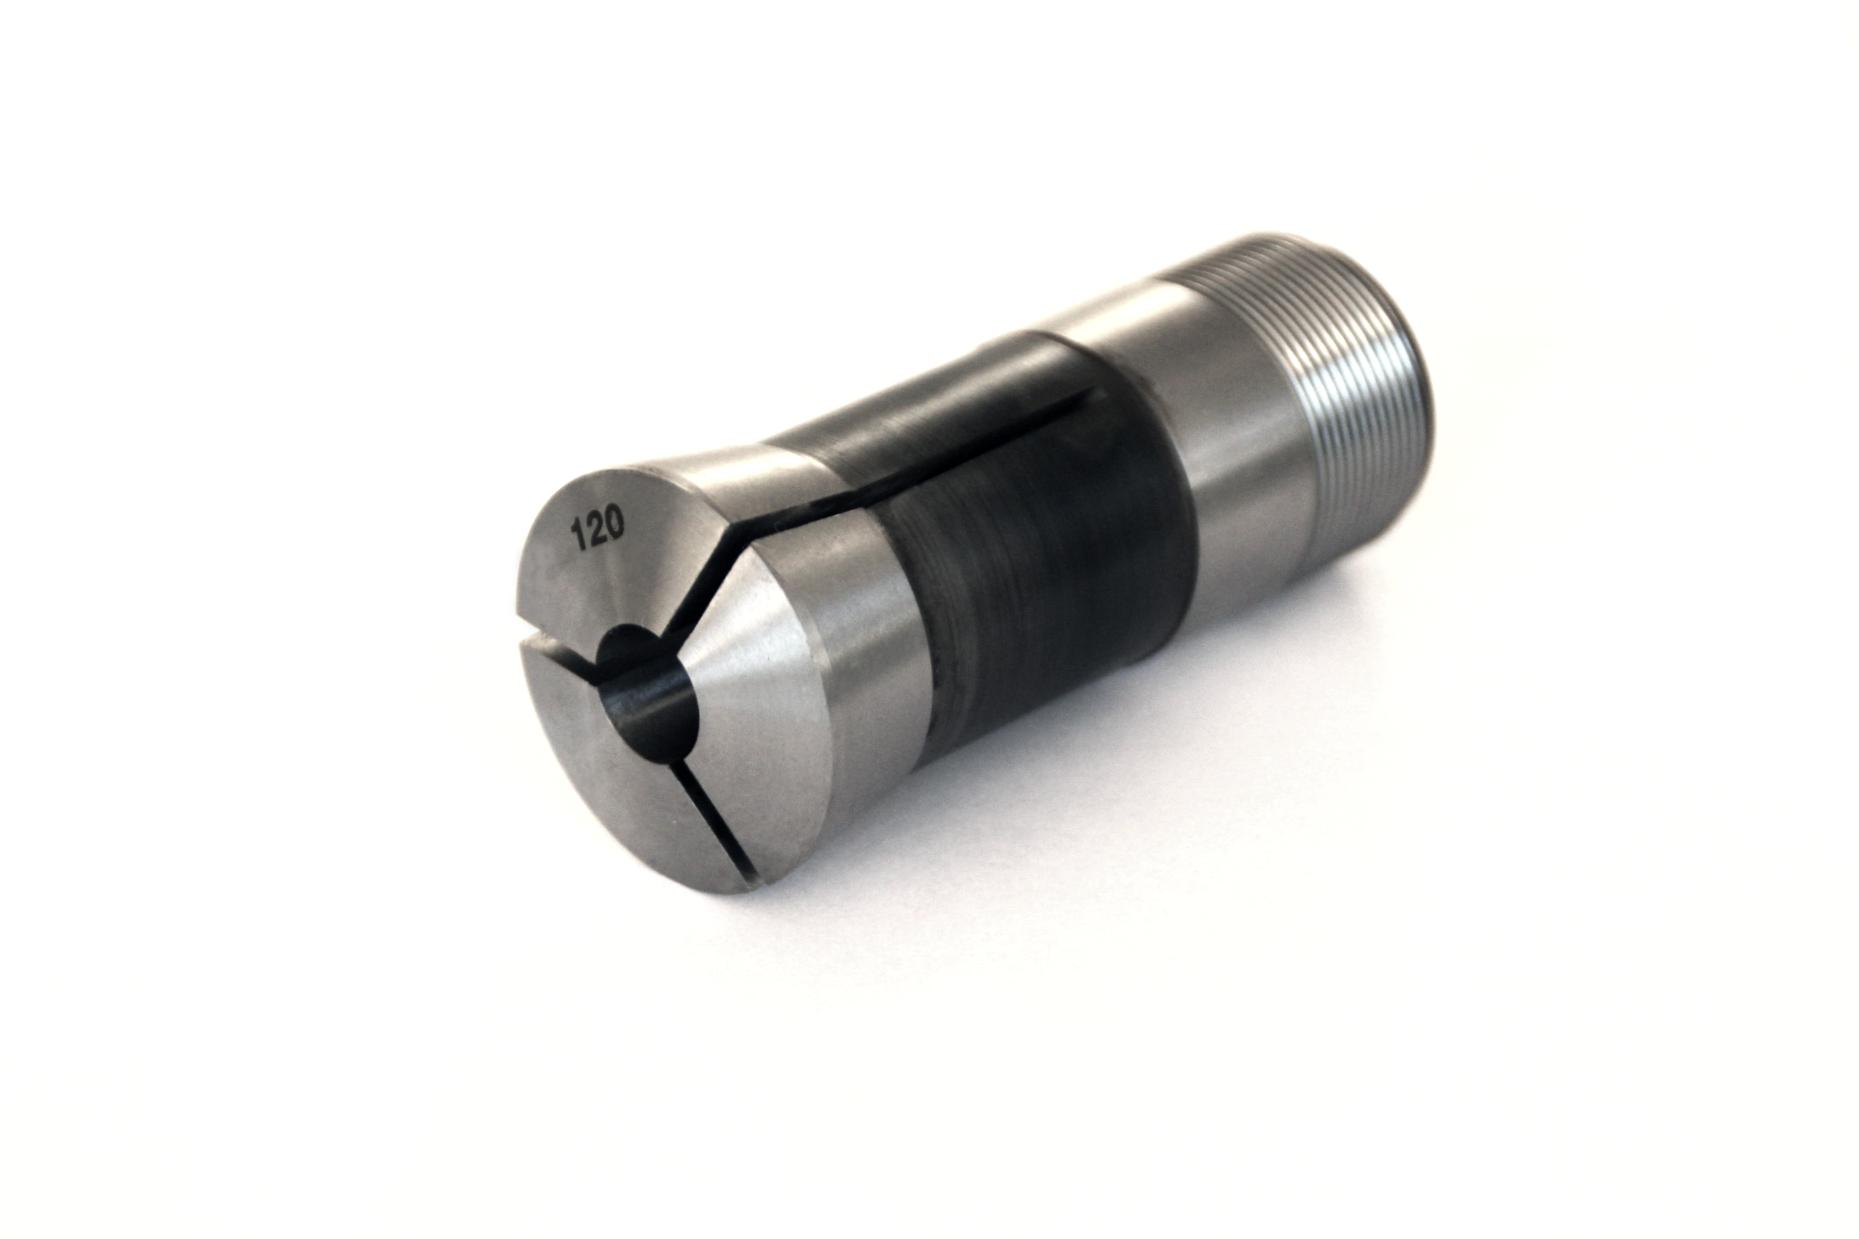 Zugspannzange 385E DIN 6341 - verschiedene Durchmesser